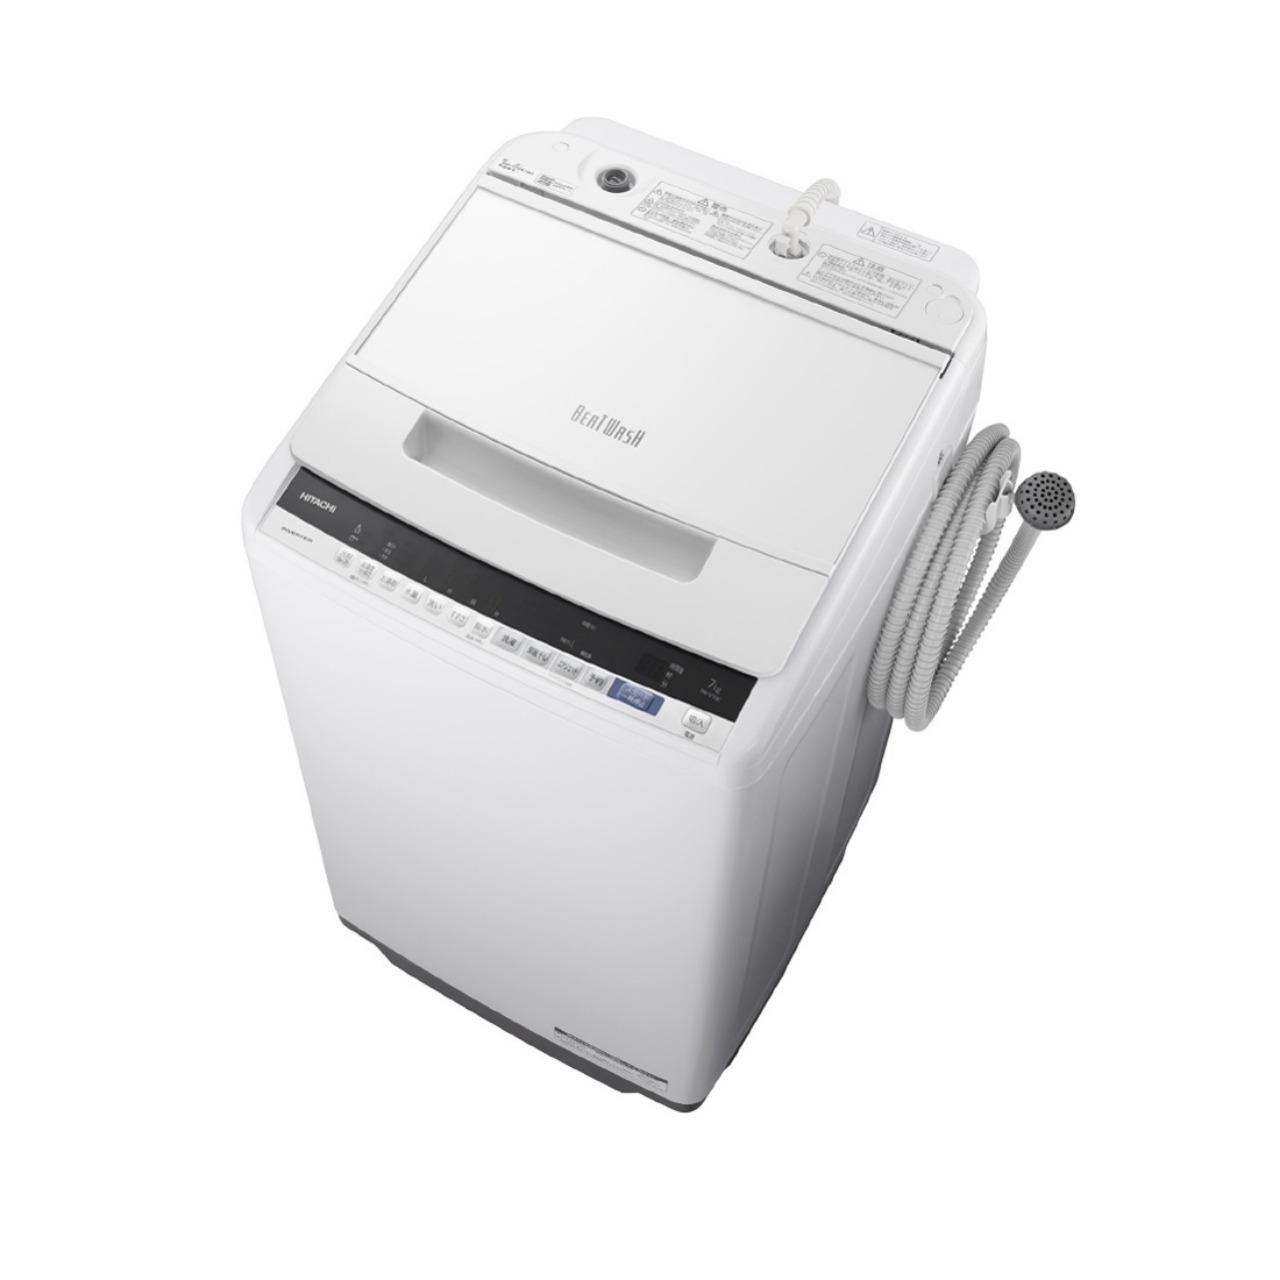 日立ビートウォッシュBW-V70E全自動洗濯機